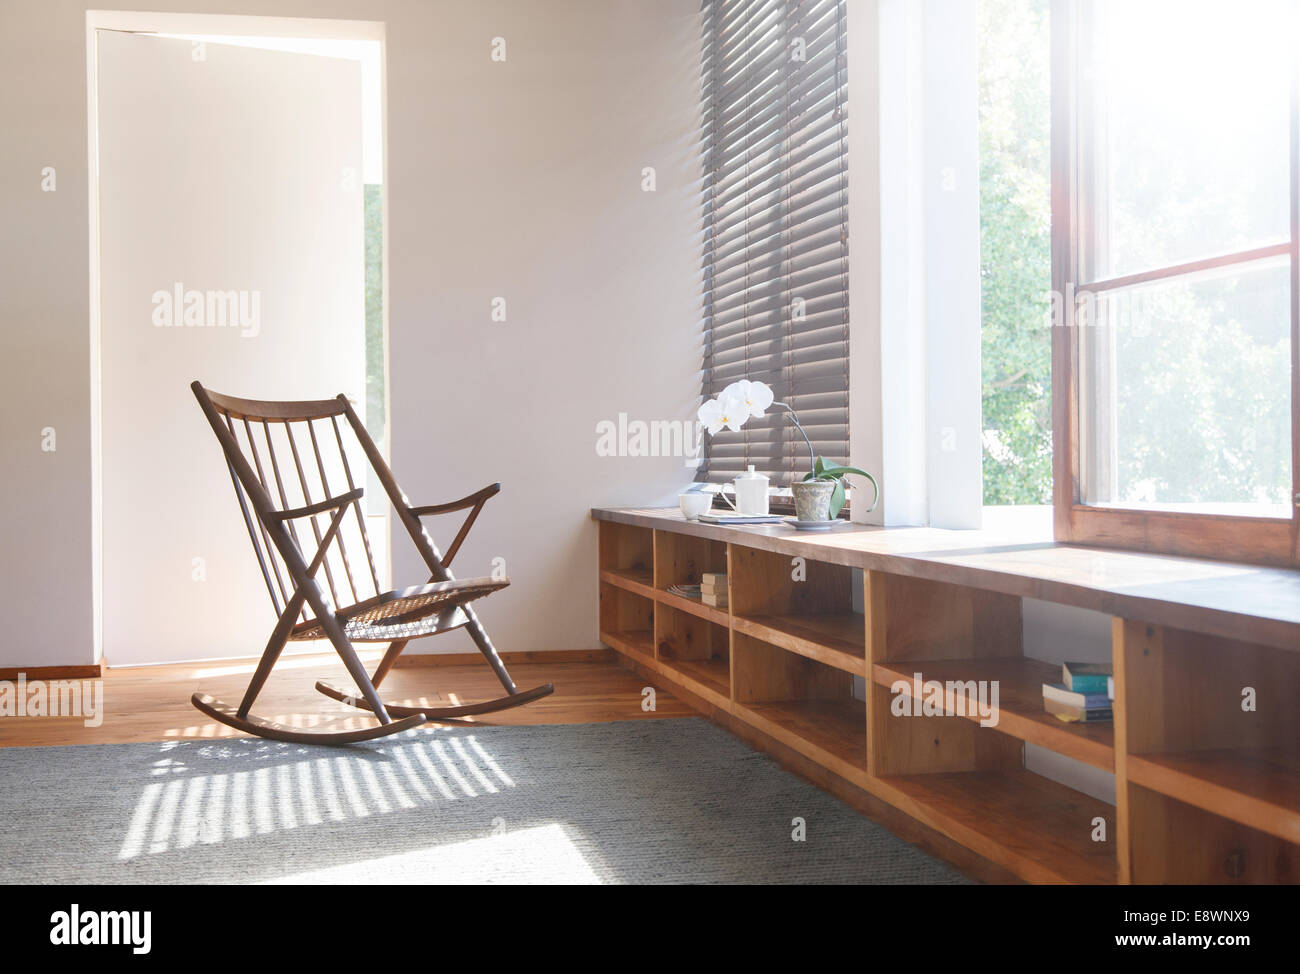 Bezaubernd Schlafzimmer Teppich Dekoration Von Schaukelstuhl Und In Modernen